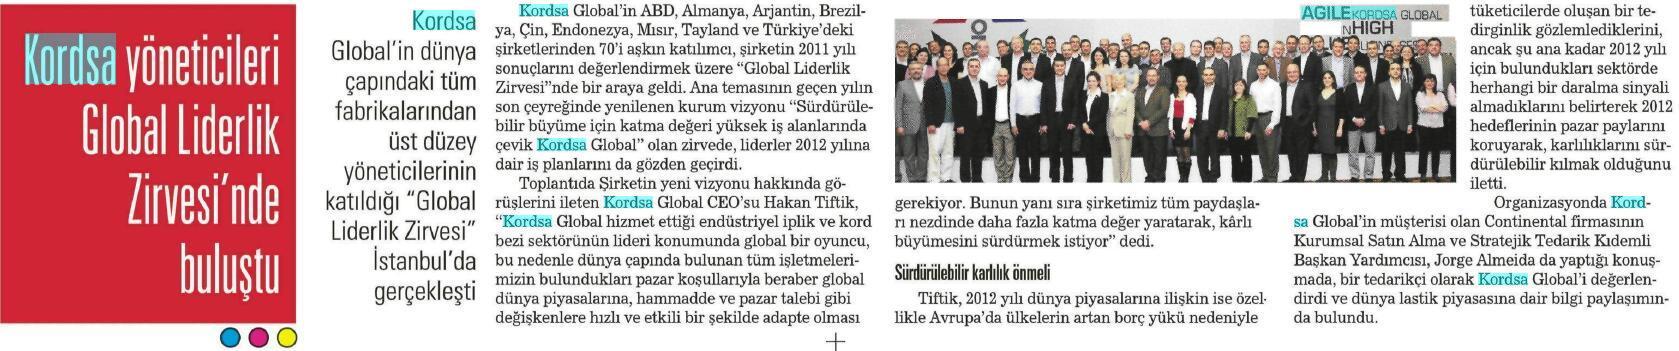 Kordsa yöneticileri Global Liderlik Zirvesi'nde buluştu